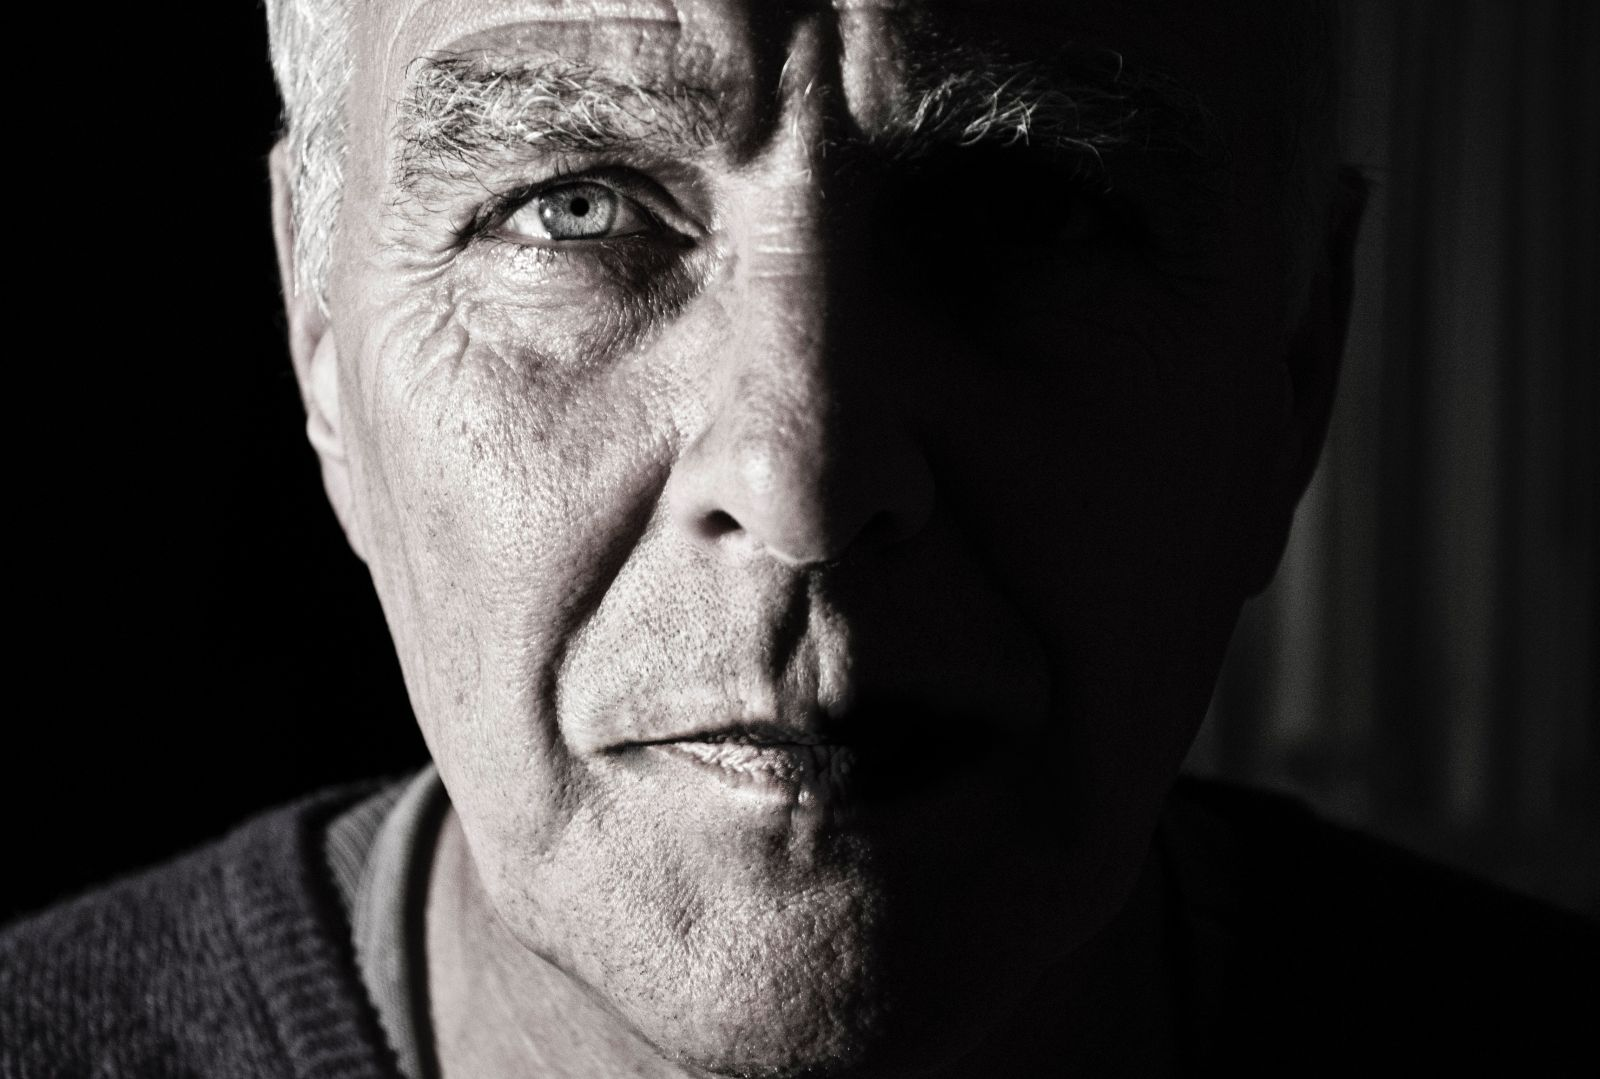 Schwarz-weißes Bild von einem Älteren Mann der direkt mit klarem Blick in die Kamera blickt